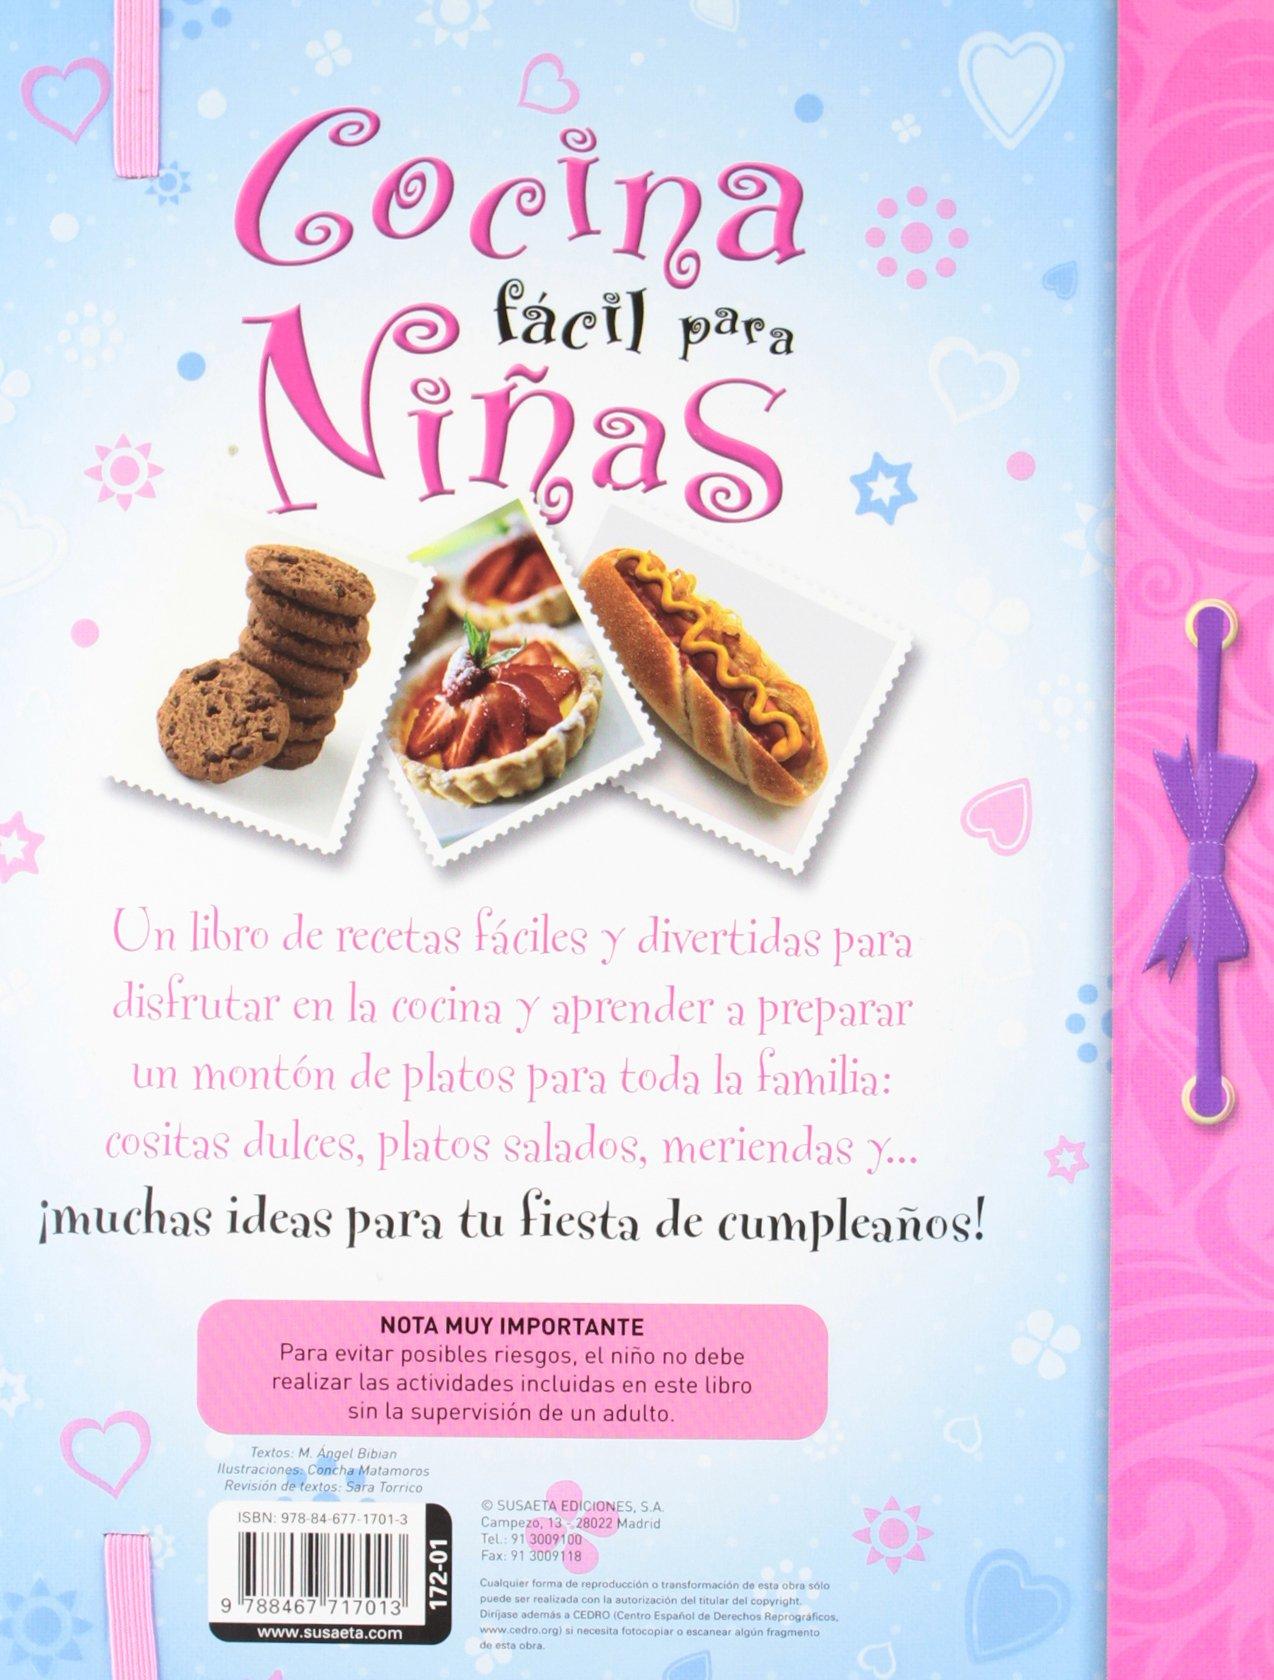 Cocina facil para ninas / Easy cooking for girls (Spanish Edition) by Susaeta Ediciones (Image #1)